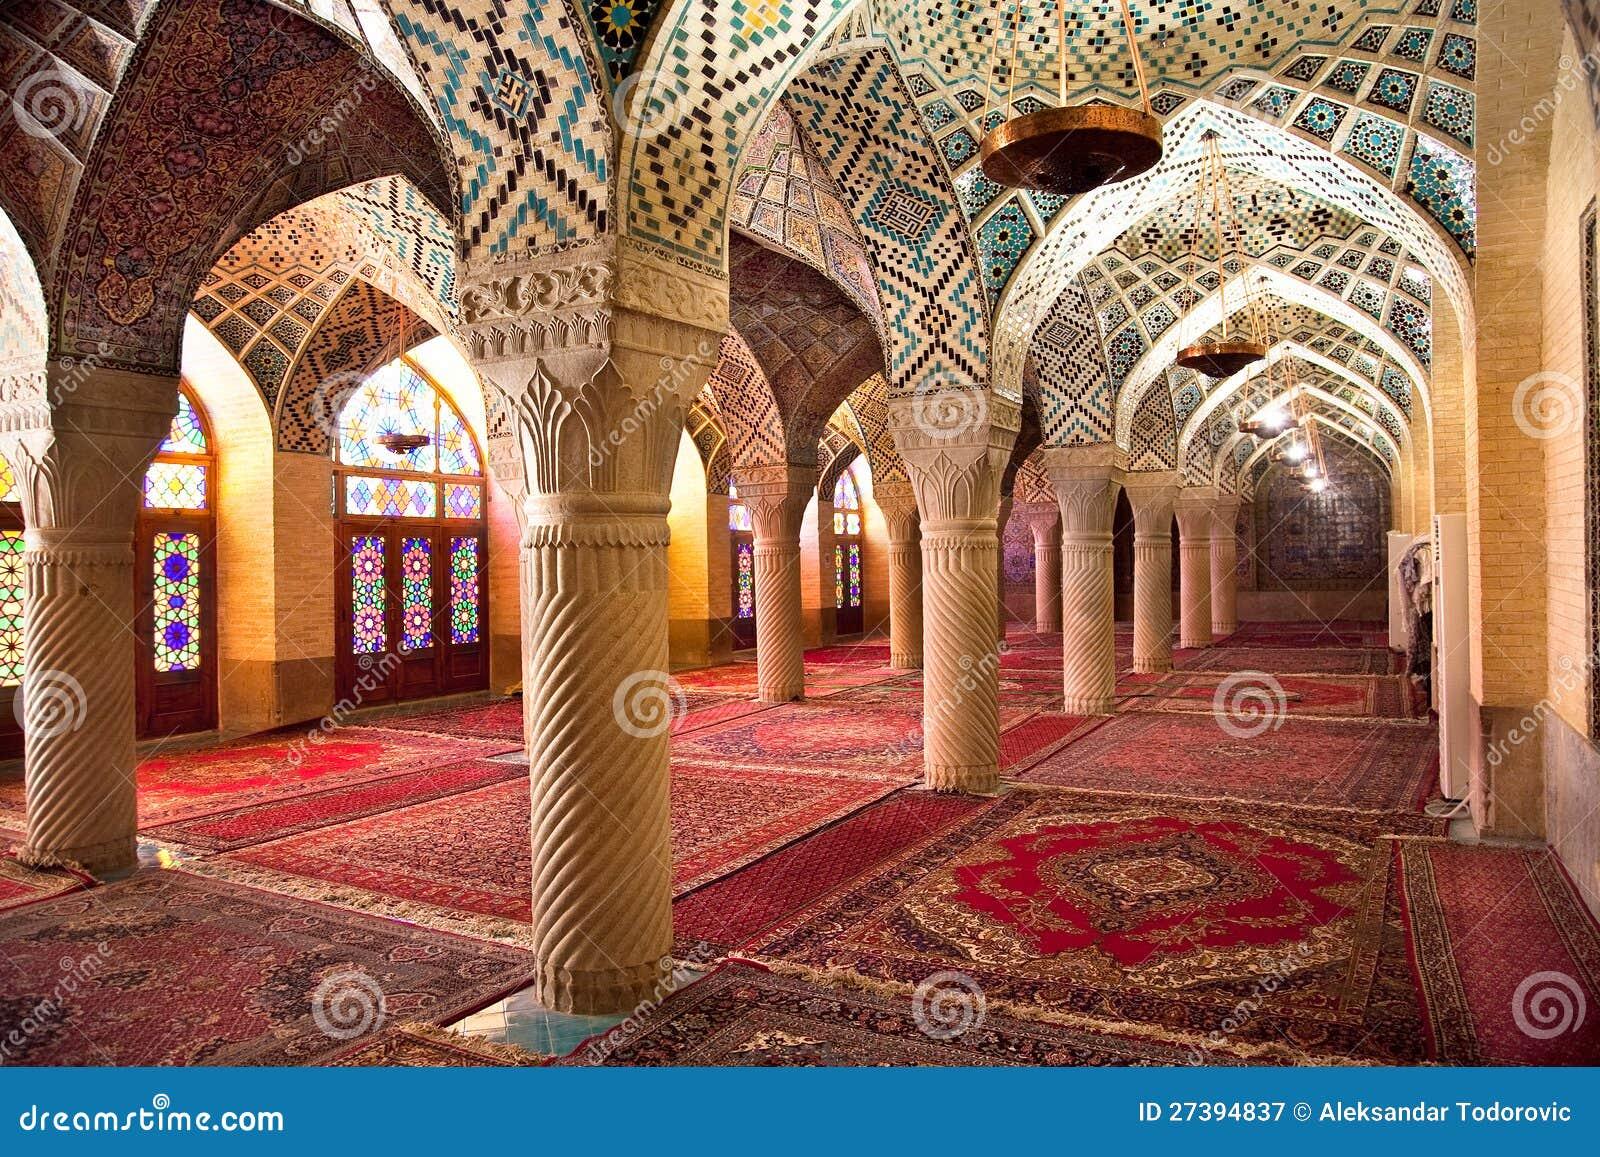 De zaal van het gebed van de moskee van nasir al molk iran royalty vrije stock fotografie - Versiering van de zaal van het tienermeisje van ...